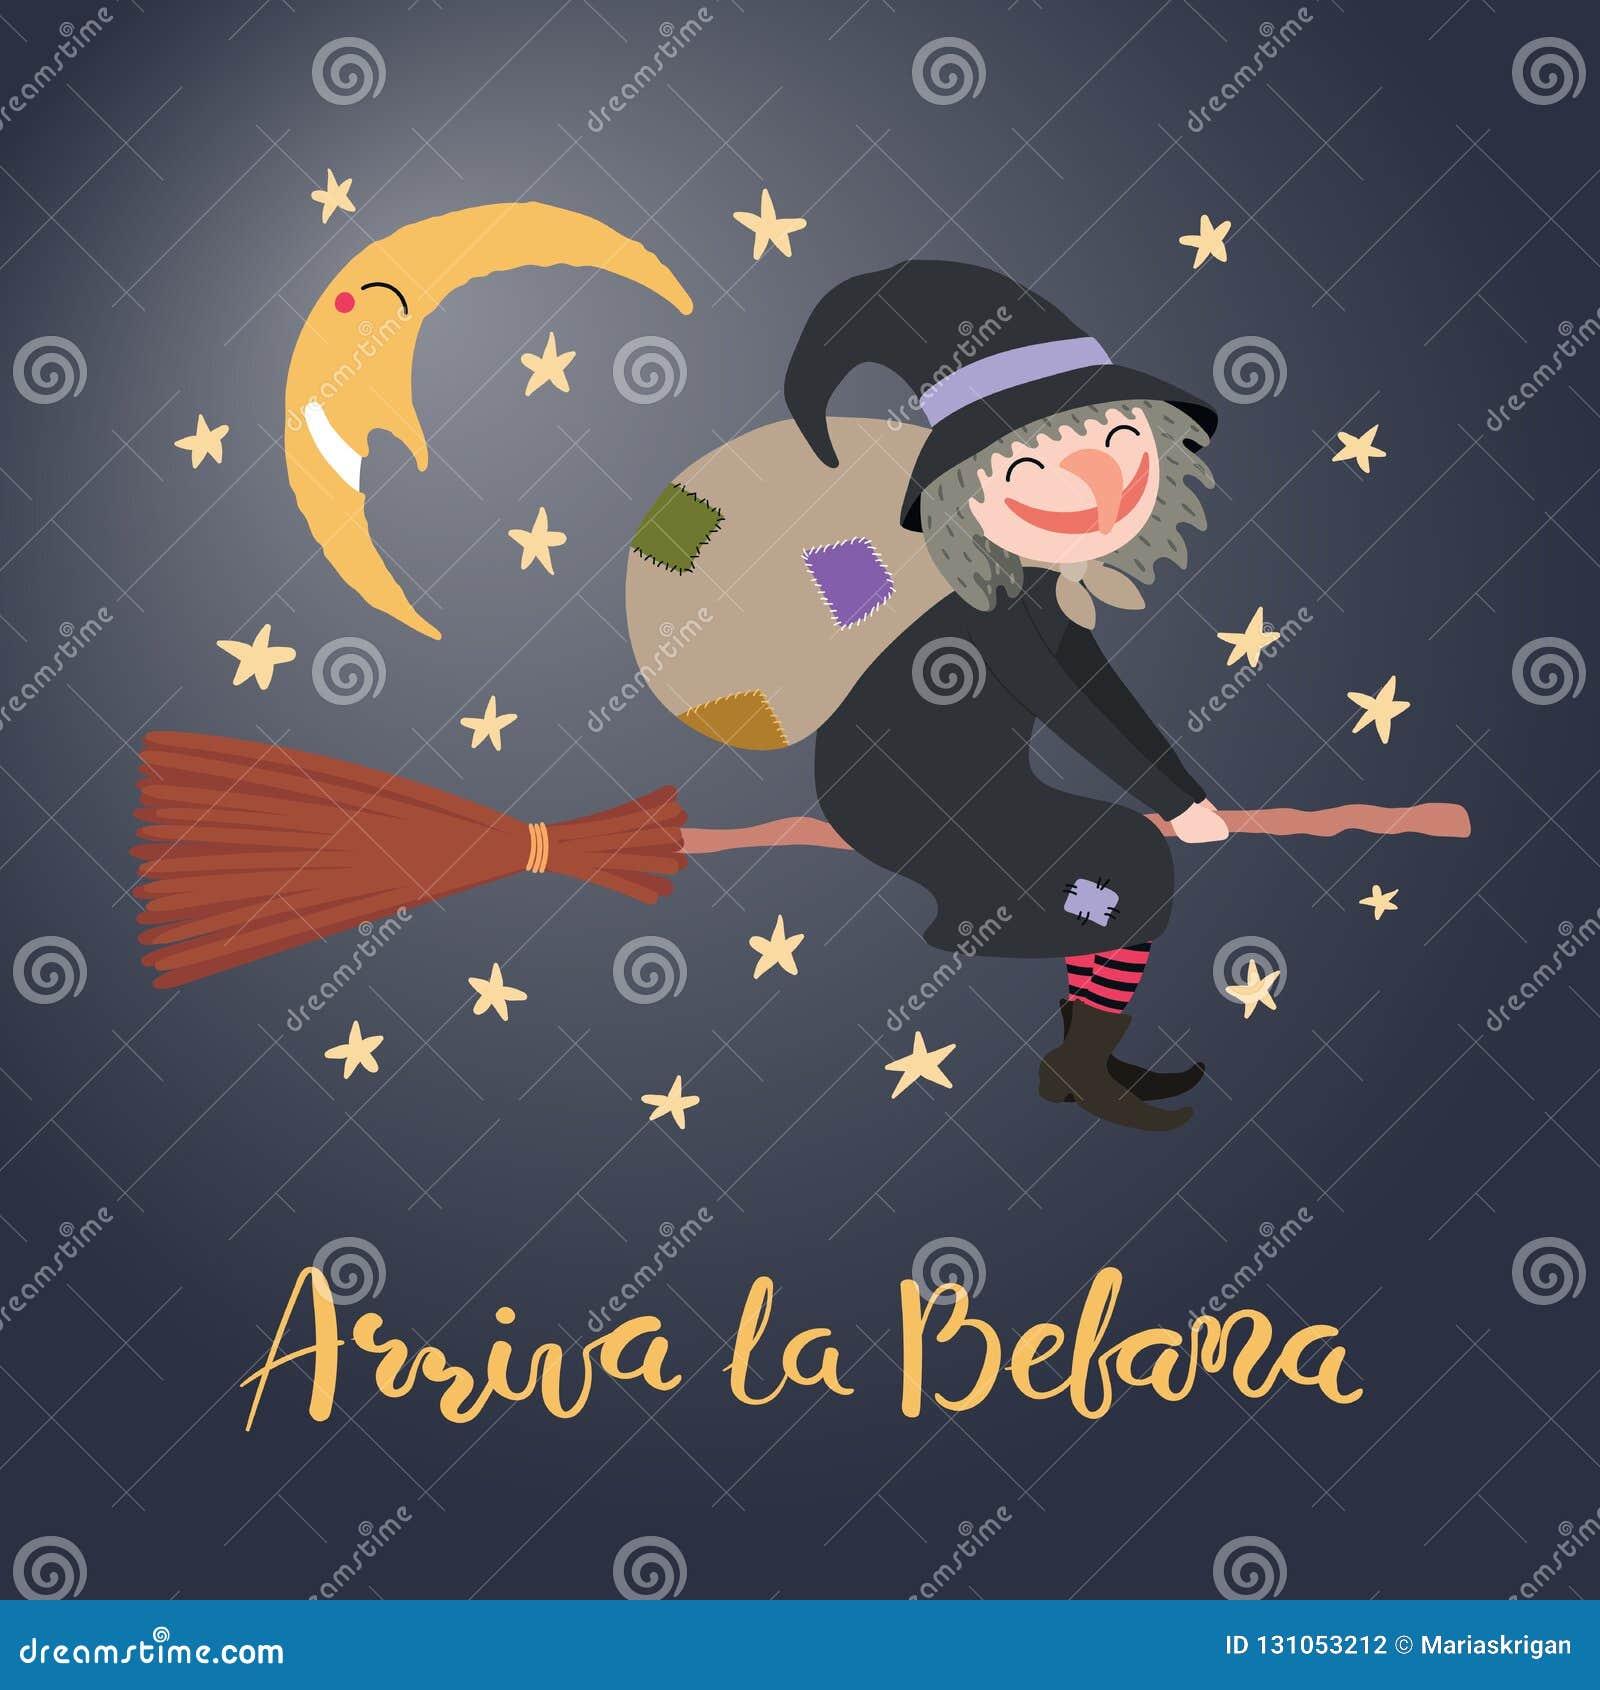 Ilustração da bruxa, citações do esmagamento no italiano